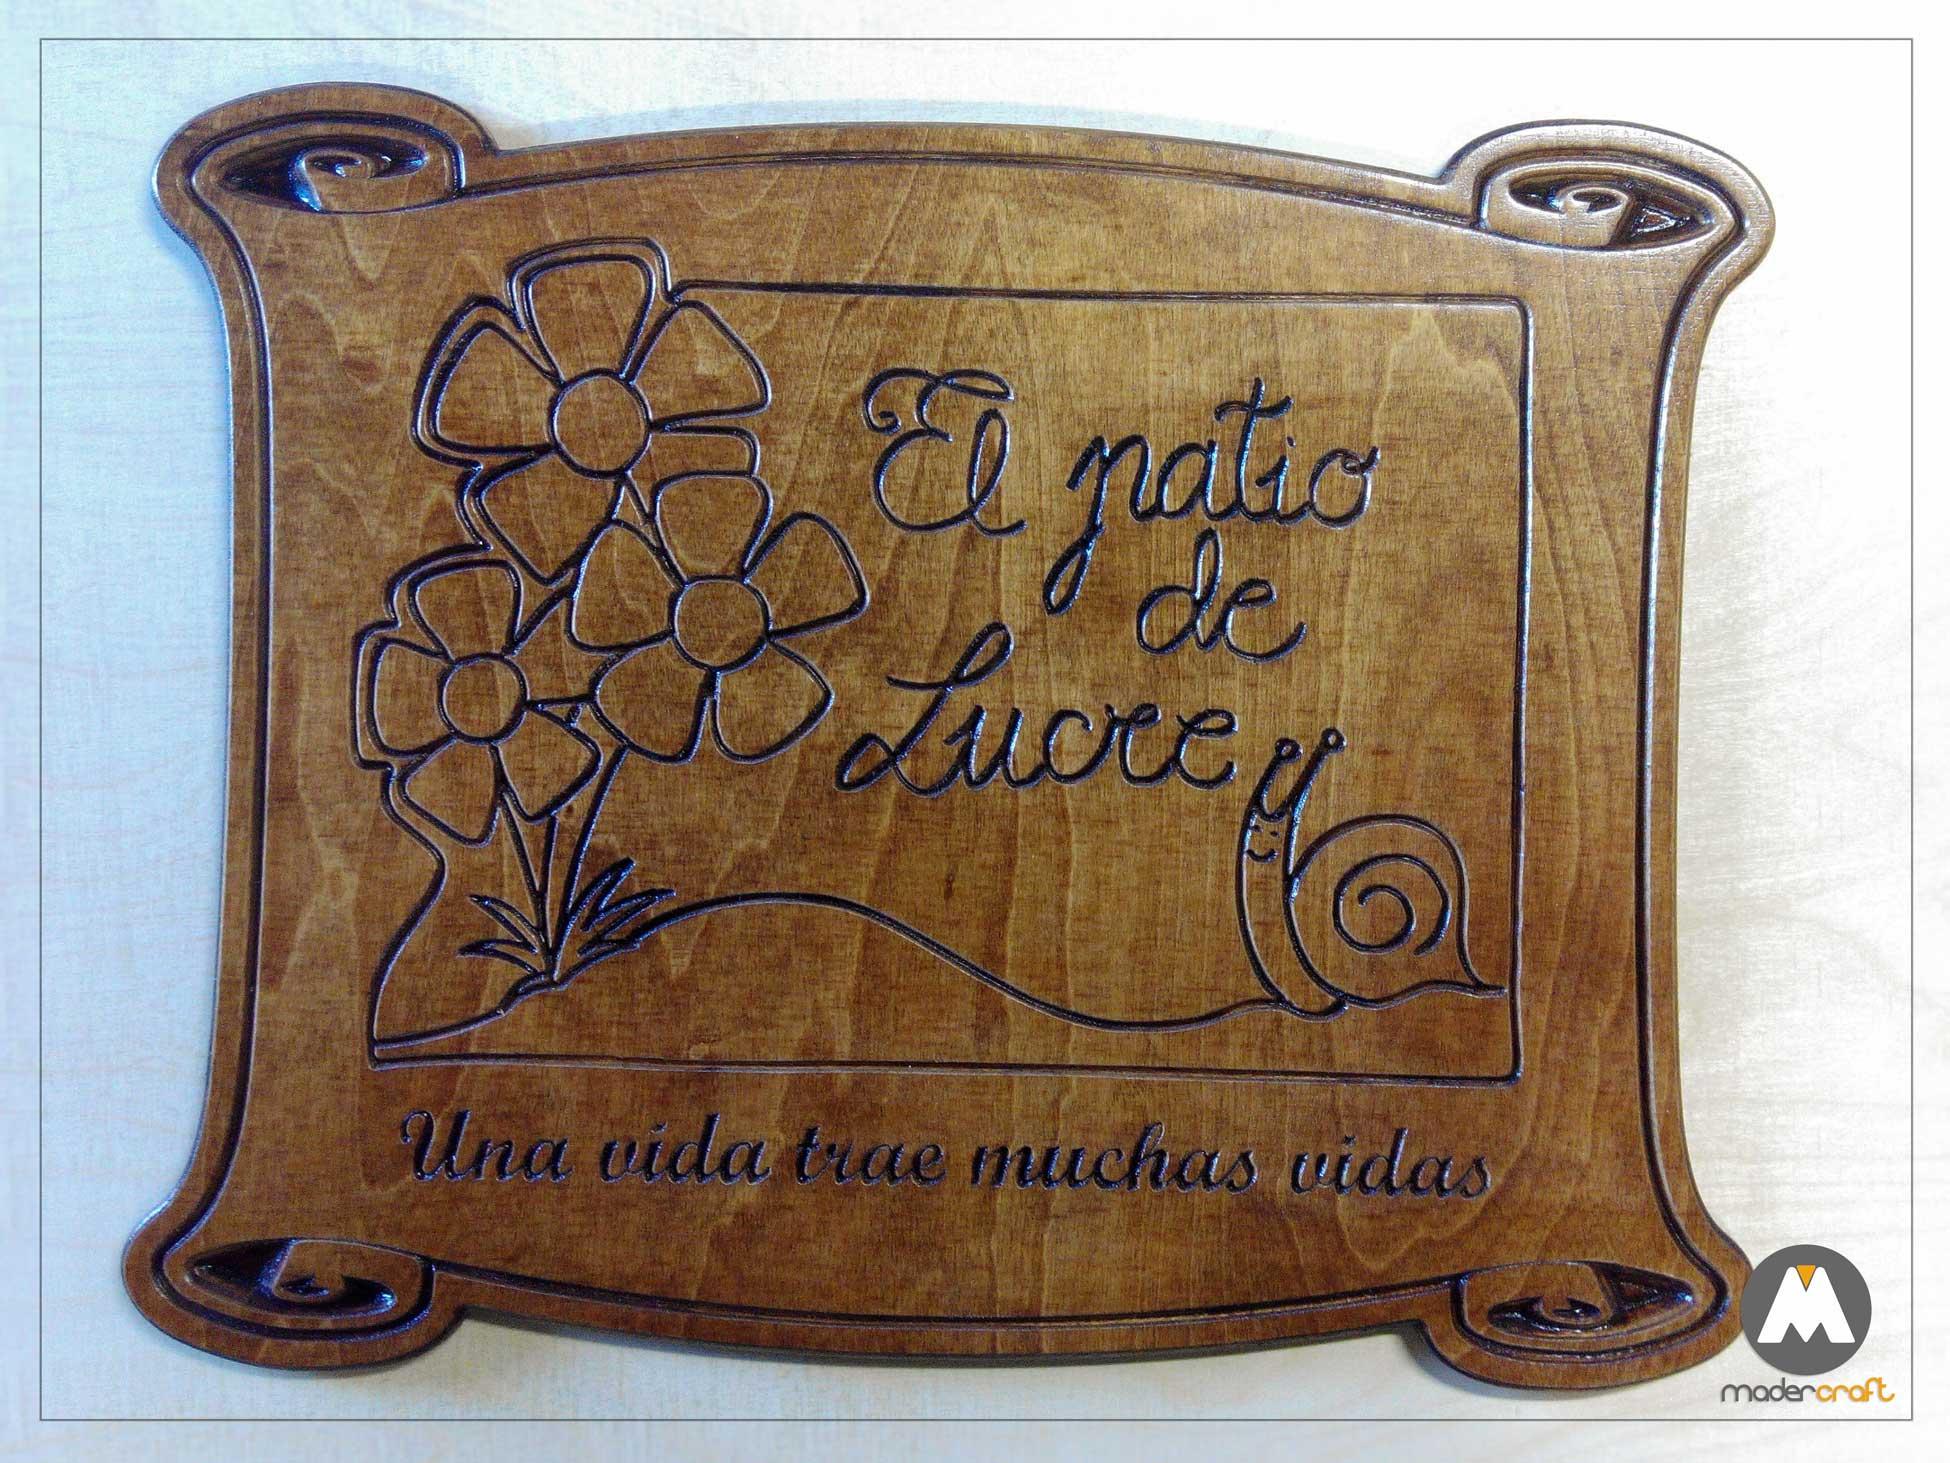 Placa Madera Agradecimiento Colegio, logotipo tallado en madera abedul, pergamino con flores y caracol. tallada, reconocimiento